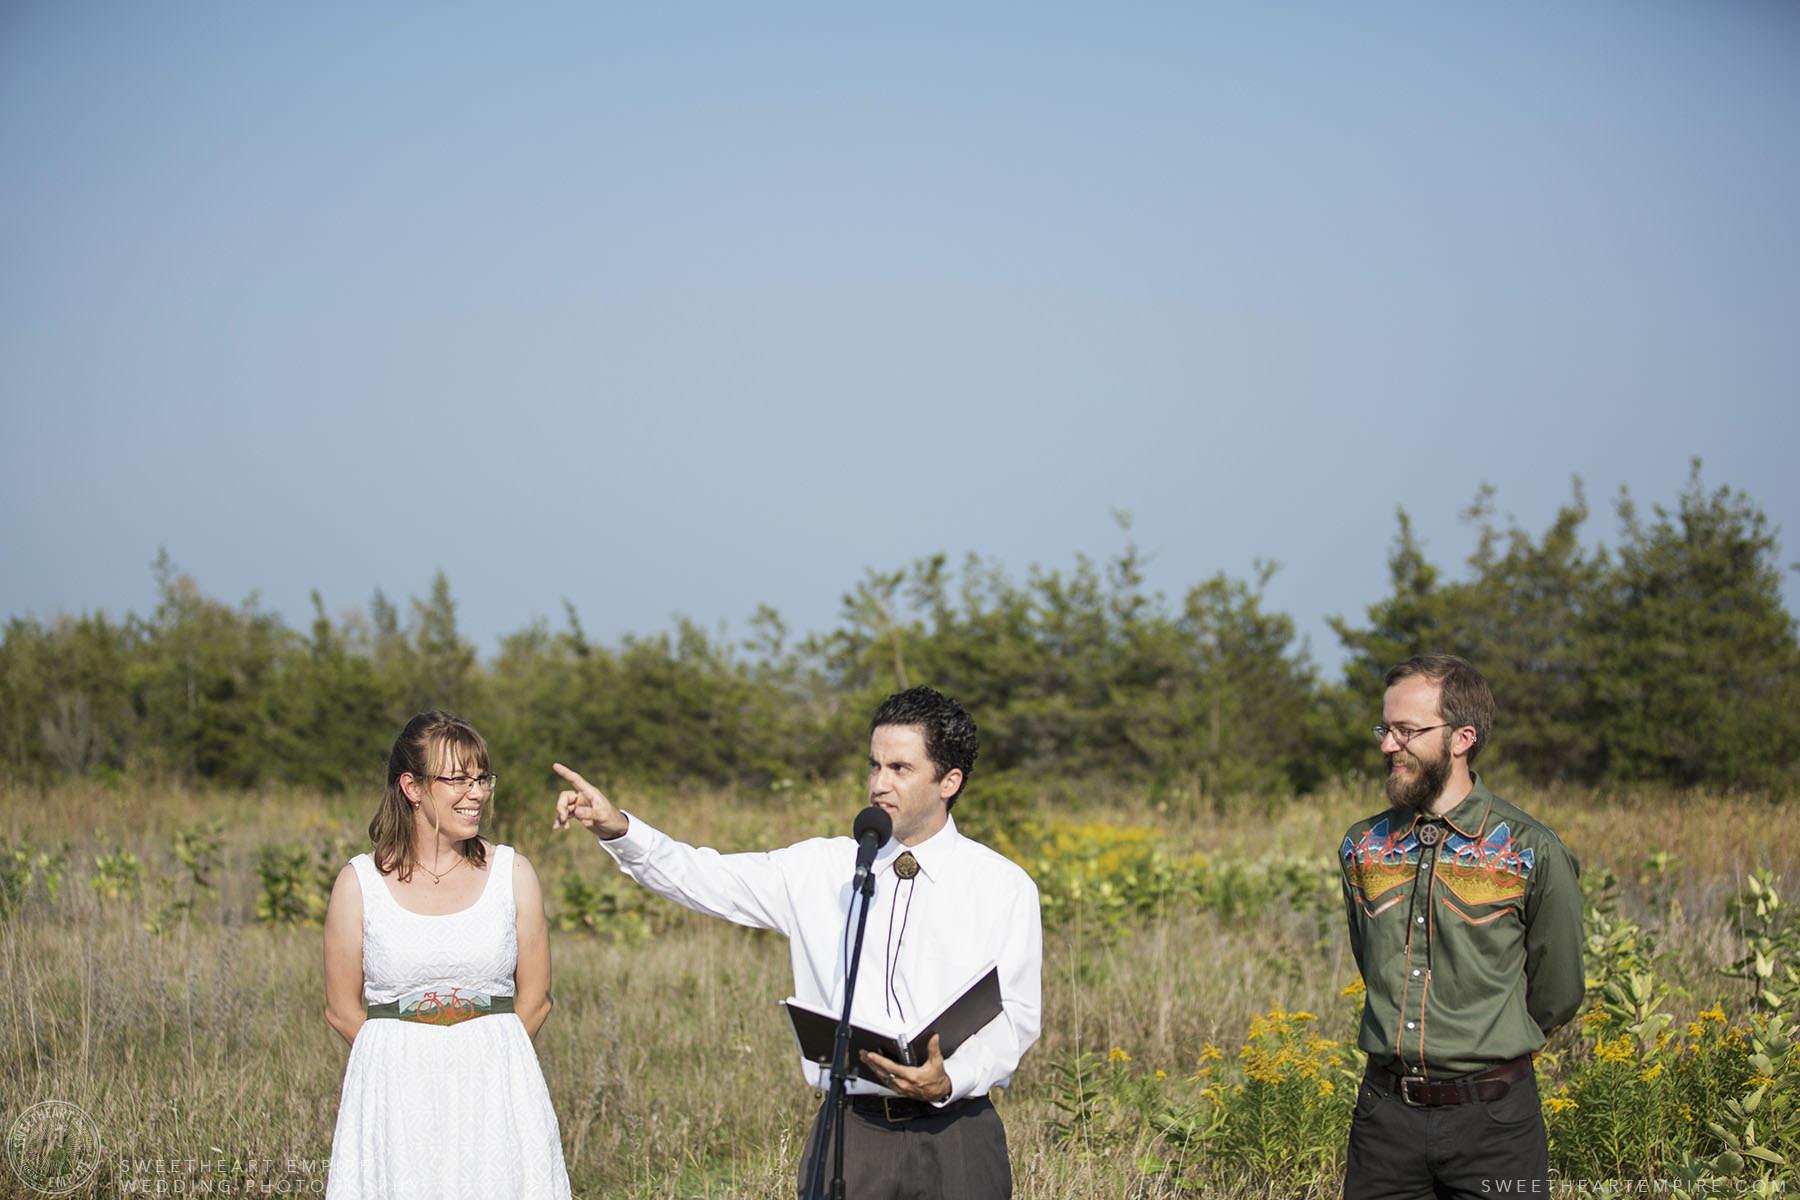 Prince-Edward-County-Wedding_27.jpg